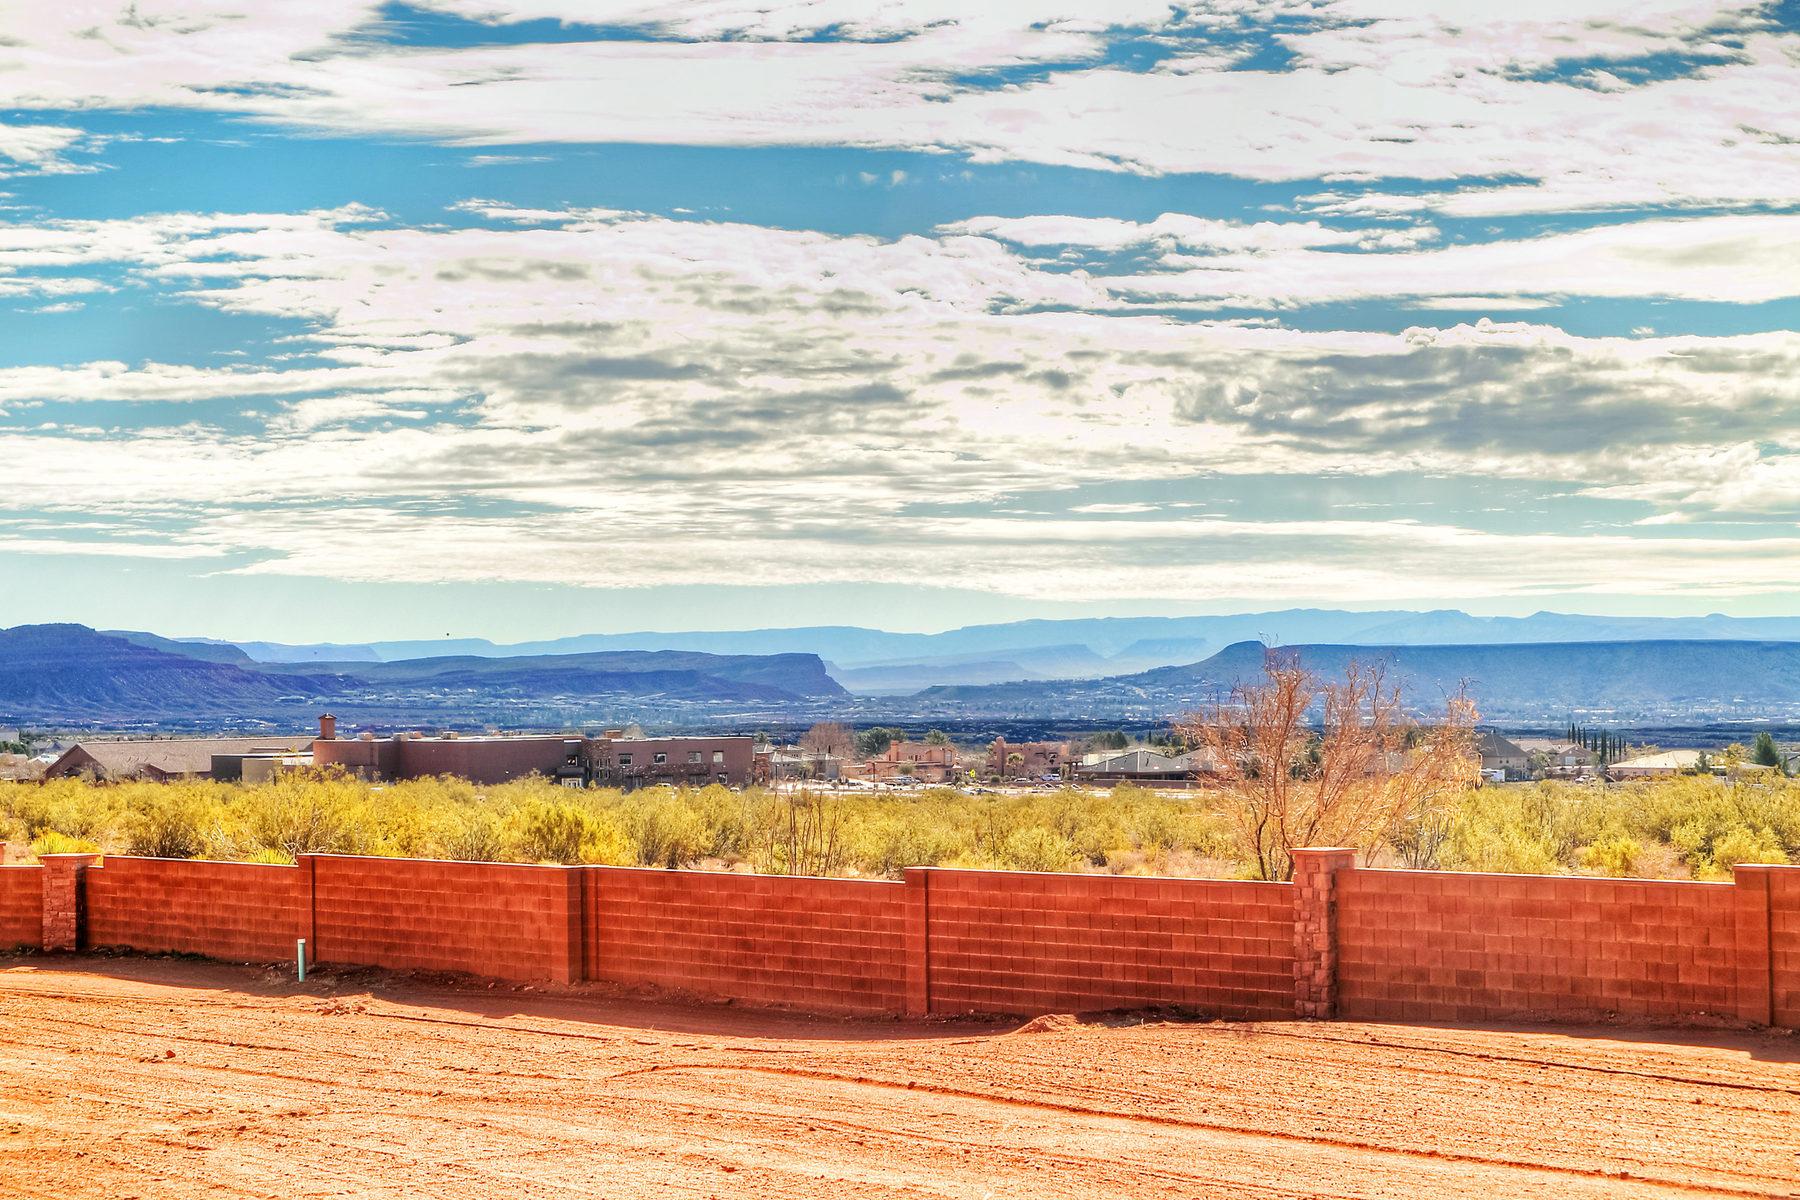 Đất đai vì Bán tại Red Mountain Estate View lot Lot 3 Red Mountain Estates Ivins, Utah 84738 Hoa Kỳ